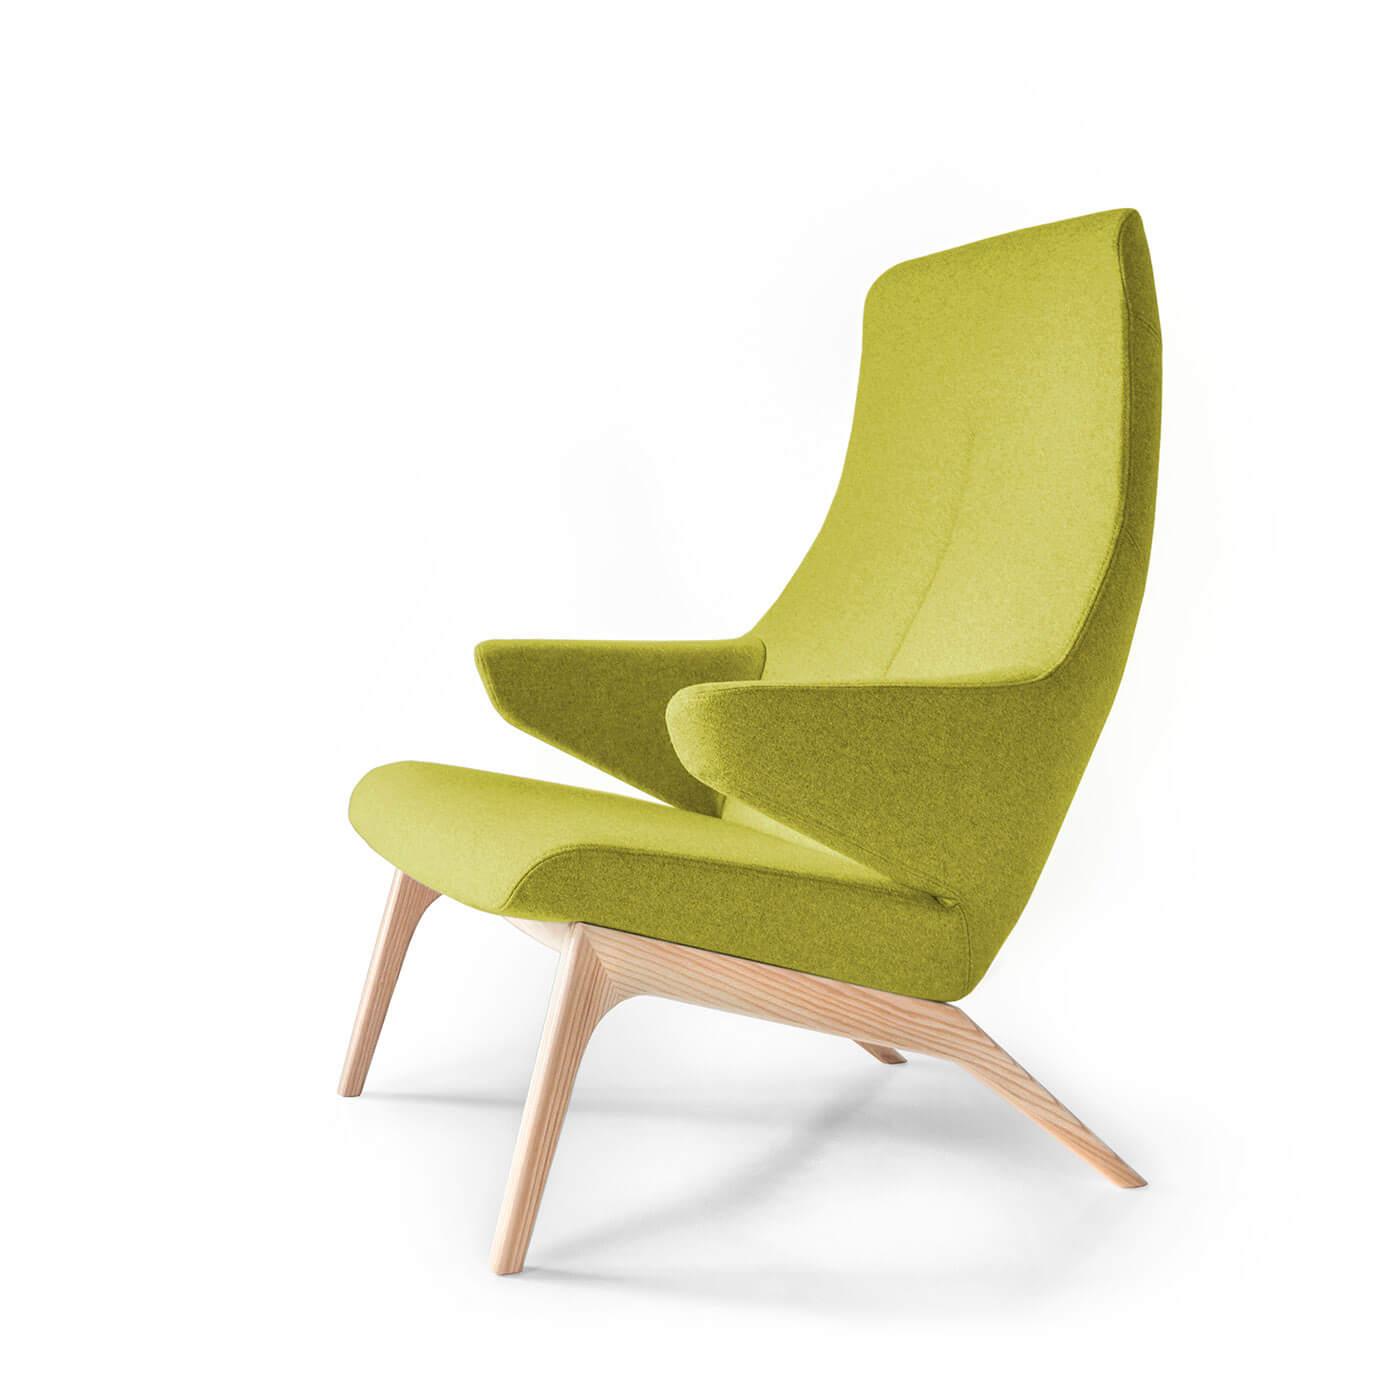 moderne retro m bel im skandi stil. Black Bedroom Furniture Sets. Home Design Ideas